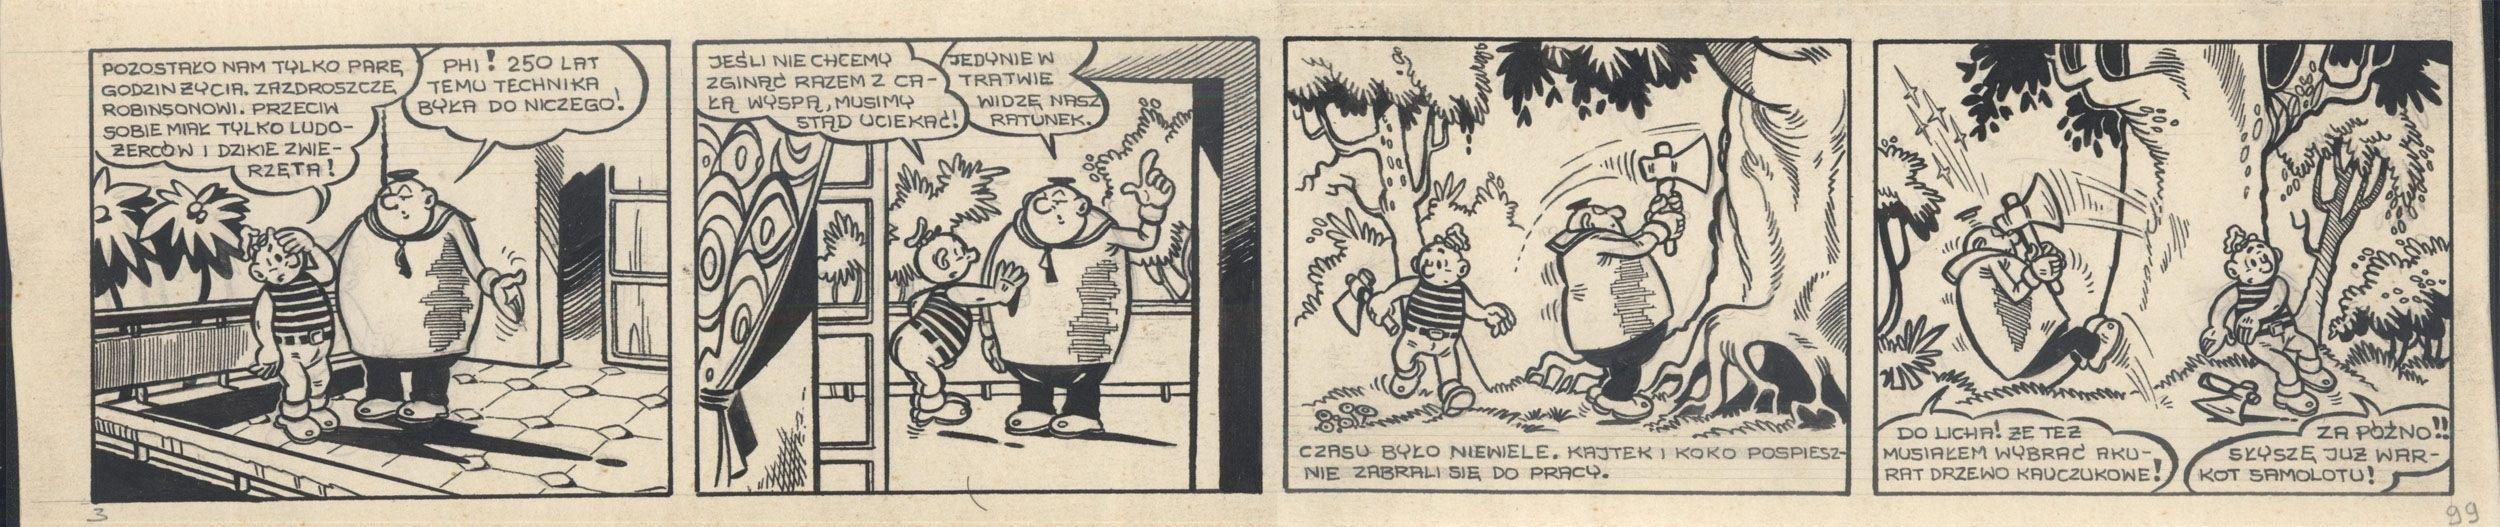 Kajtek i Koko wśród piratów, 99